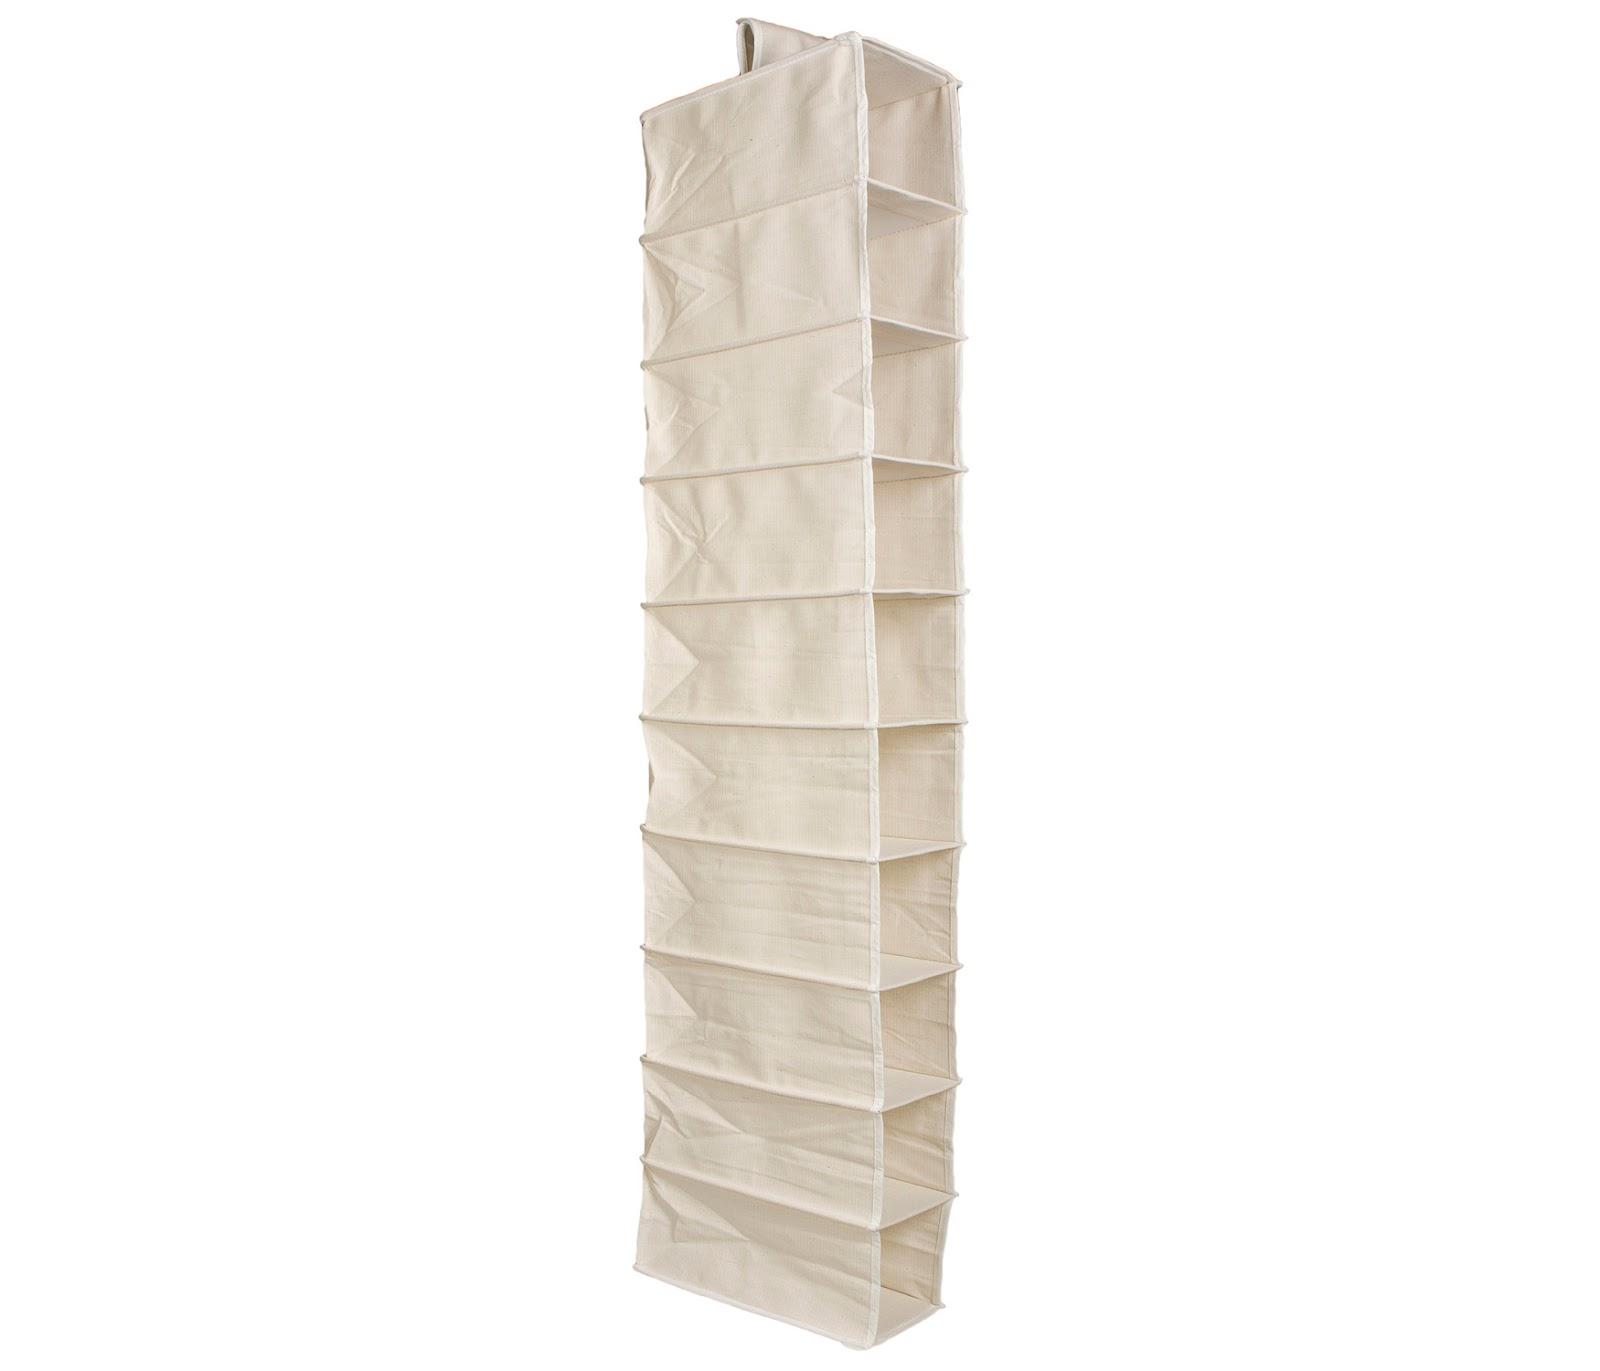 Dulcinéias e Madalenas: Dicas de como organizar guarda roupas  #614E38 1600x1371 Acessorios Banheiro Etna